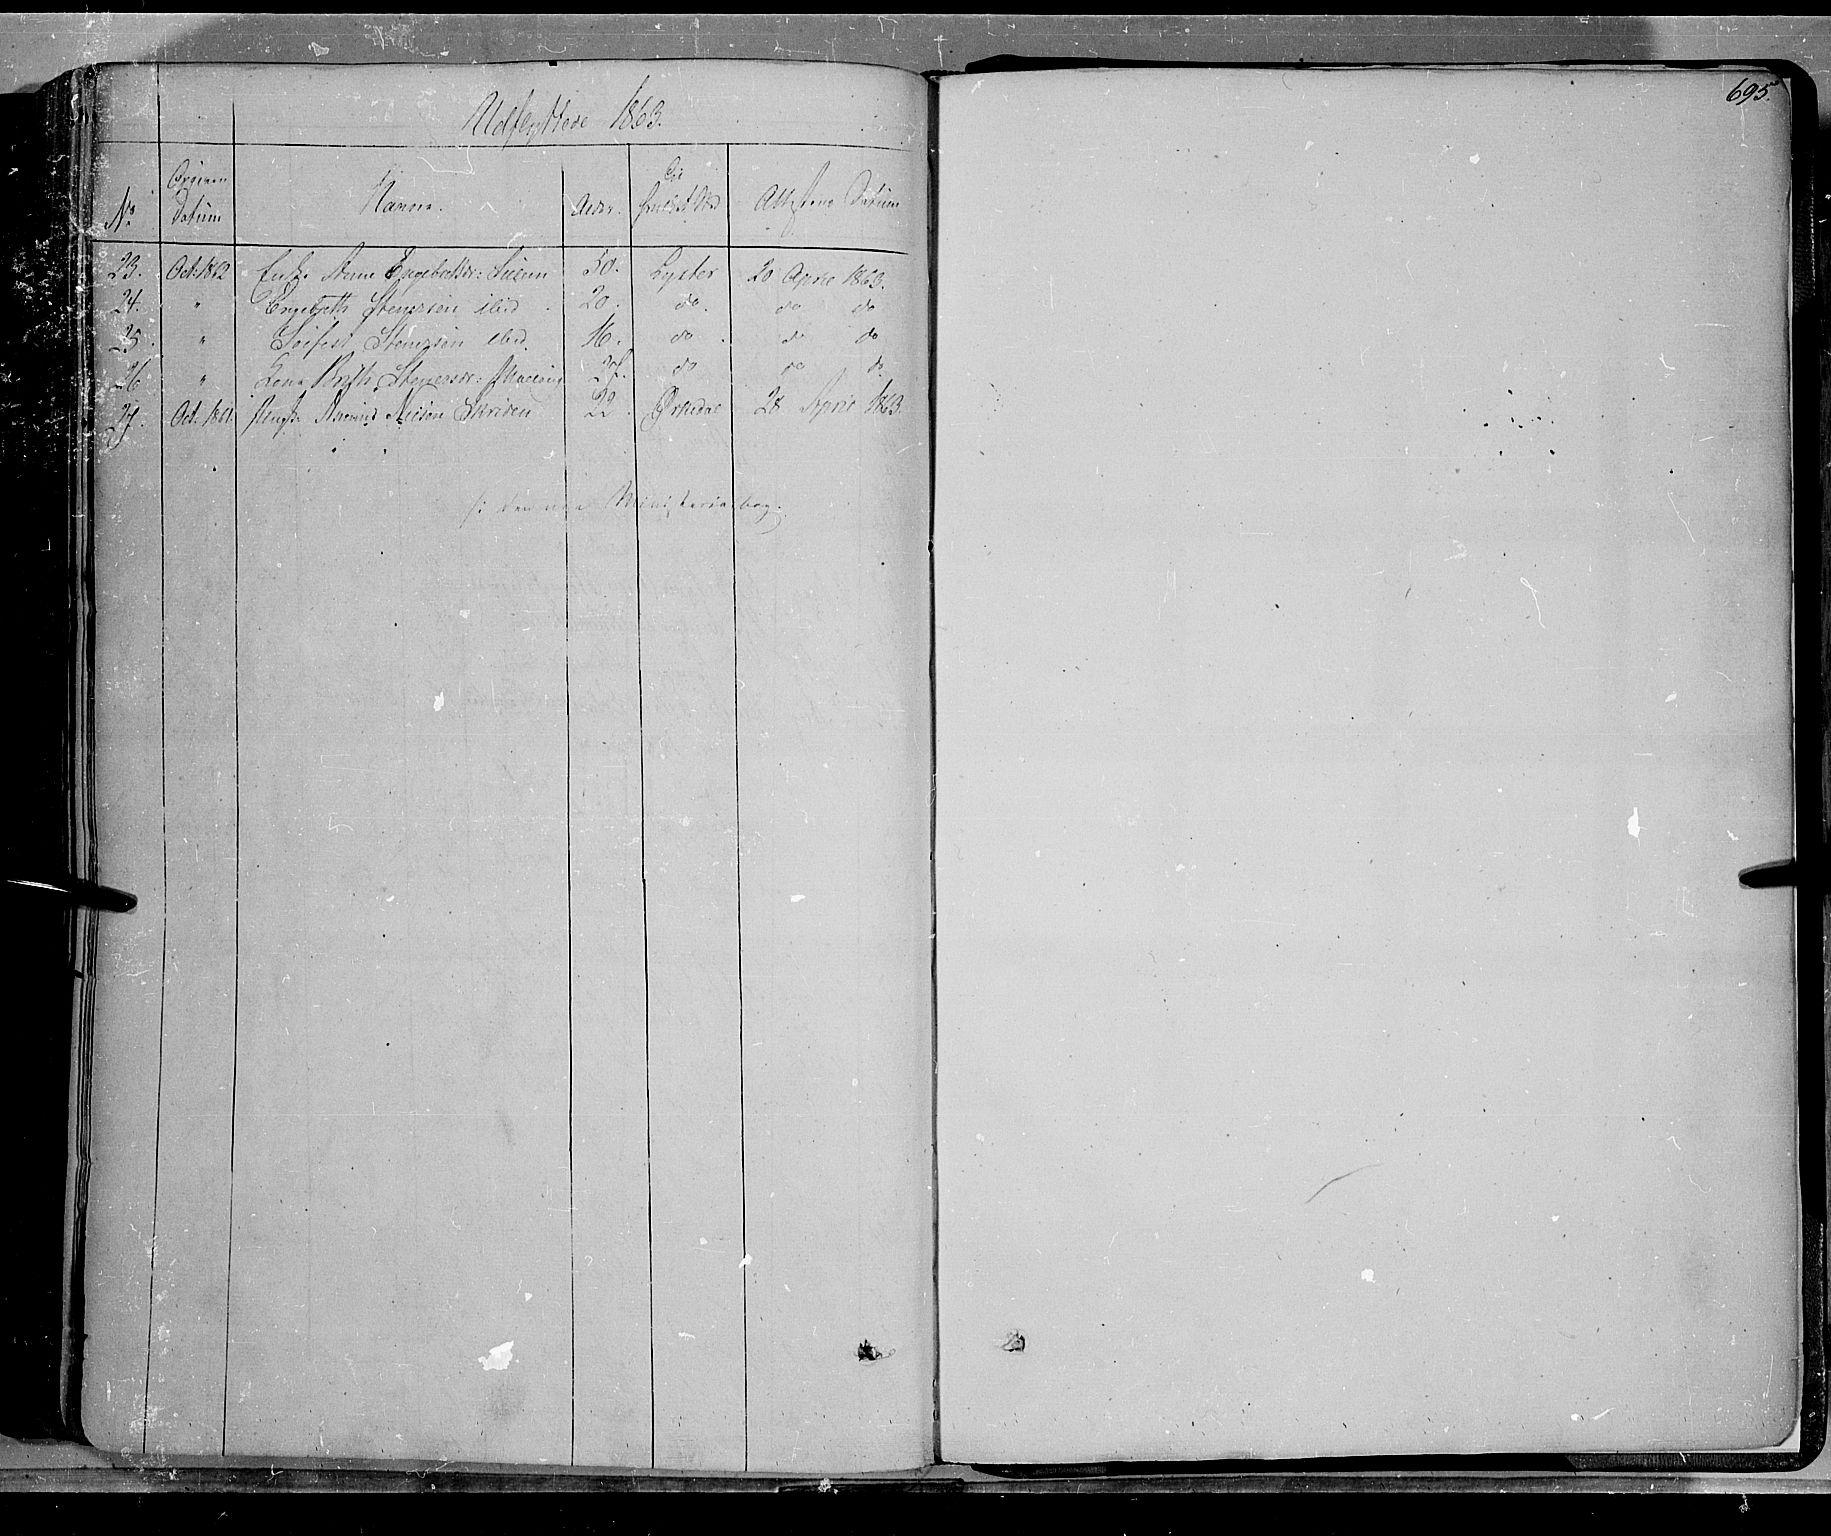 SAH, Lom prestekontor, K/L0006: Ministerialbok nr. 6B, 1837-1863, s. 695